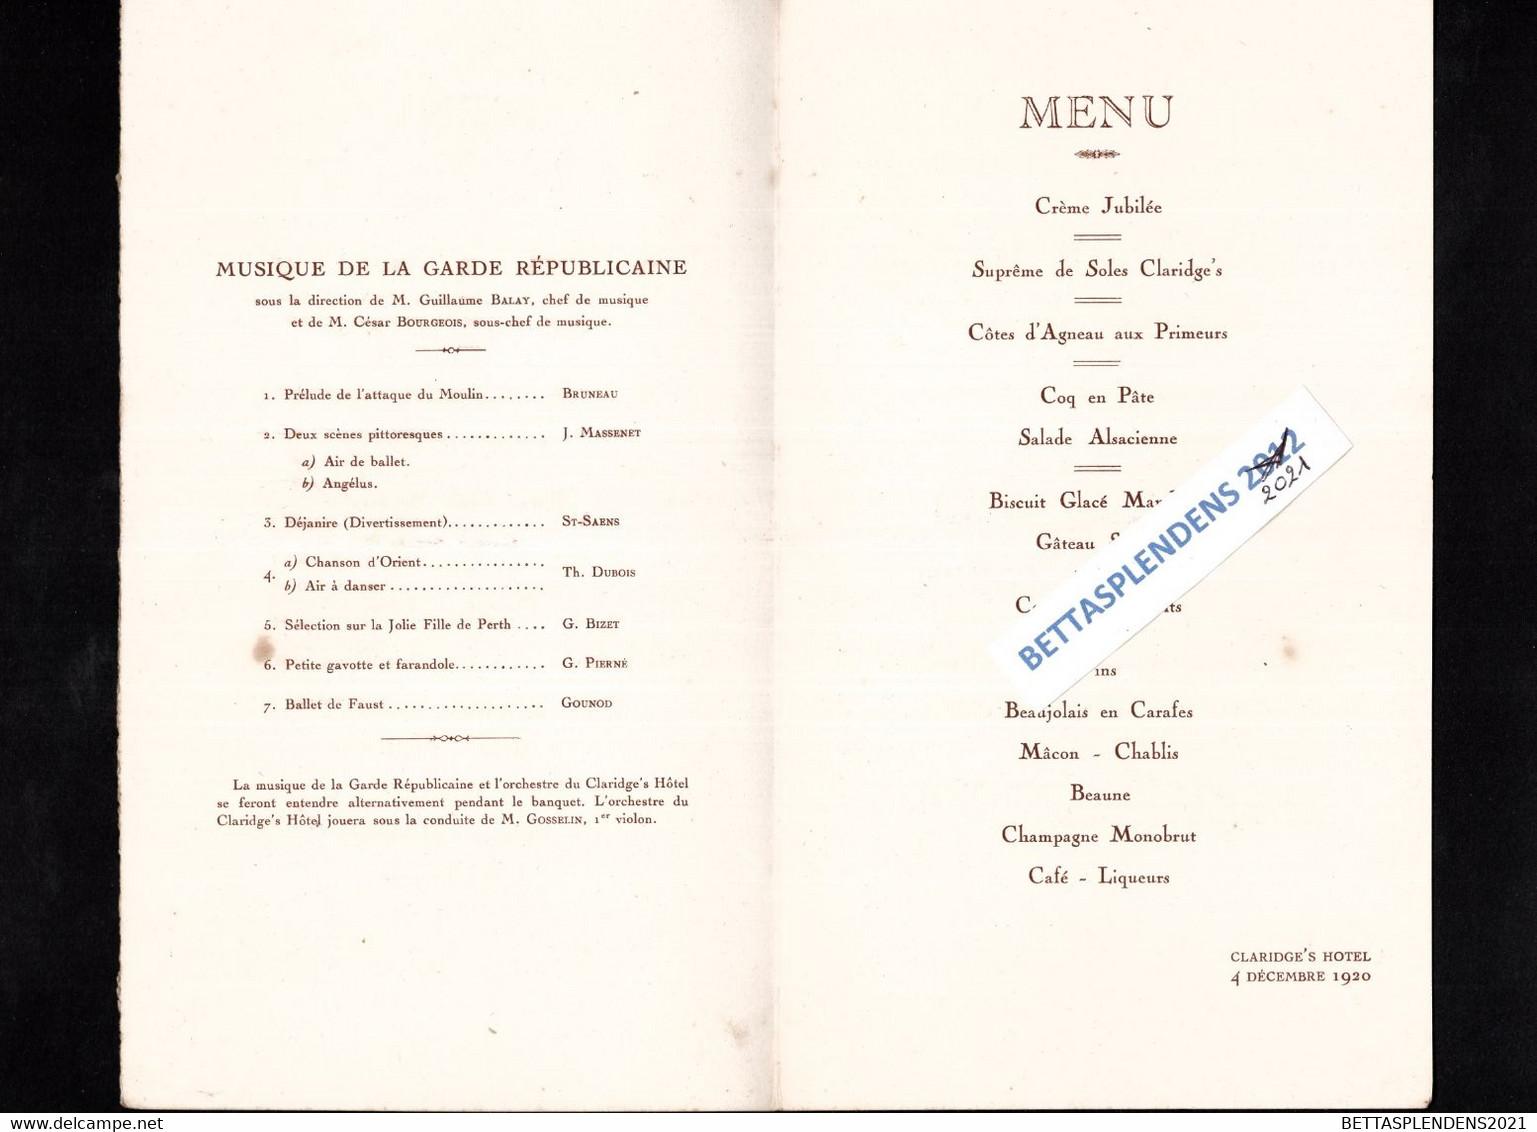 Banquet Offert à ALEXANDRE MILLERAND - Président De La République Française - Au Claridge's Hôtel Avec Musique De La Gar - Menükarten